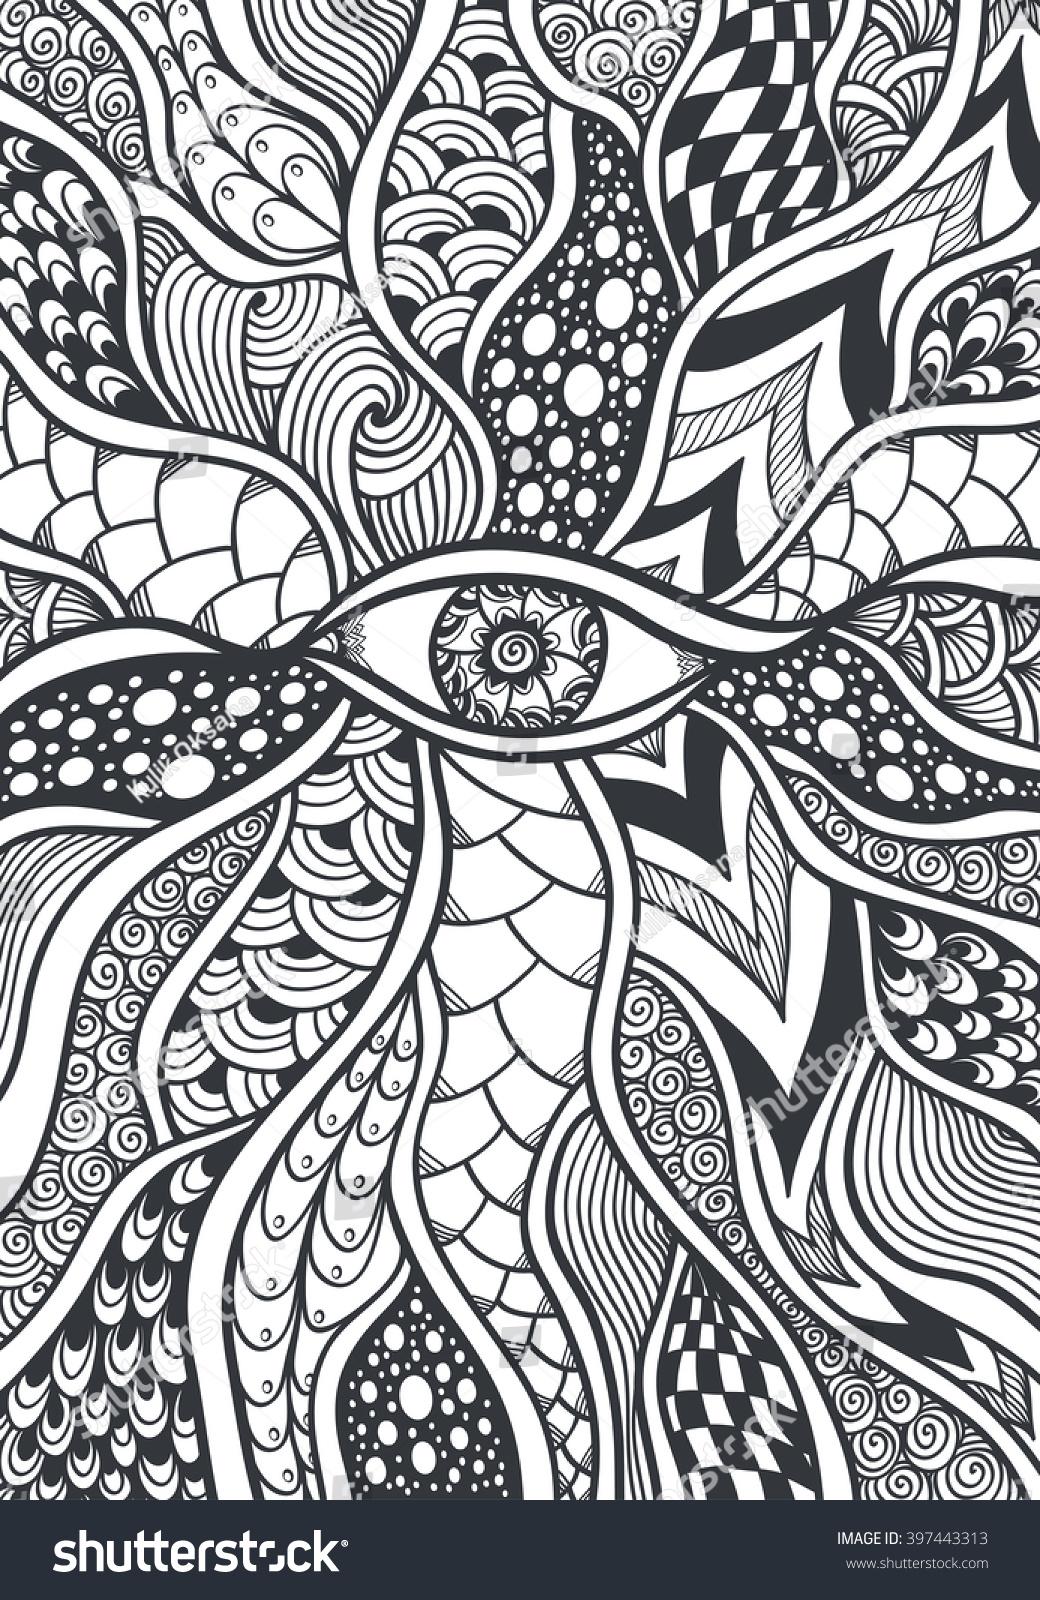 zendoodle zentangle texture pattern eye black stock vector